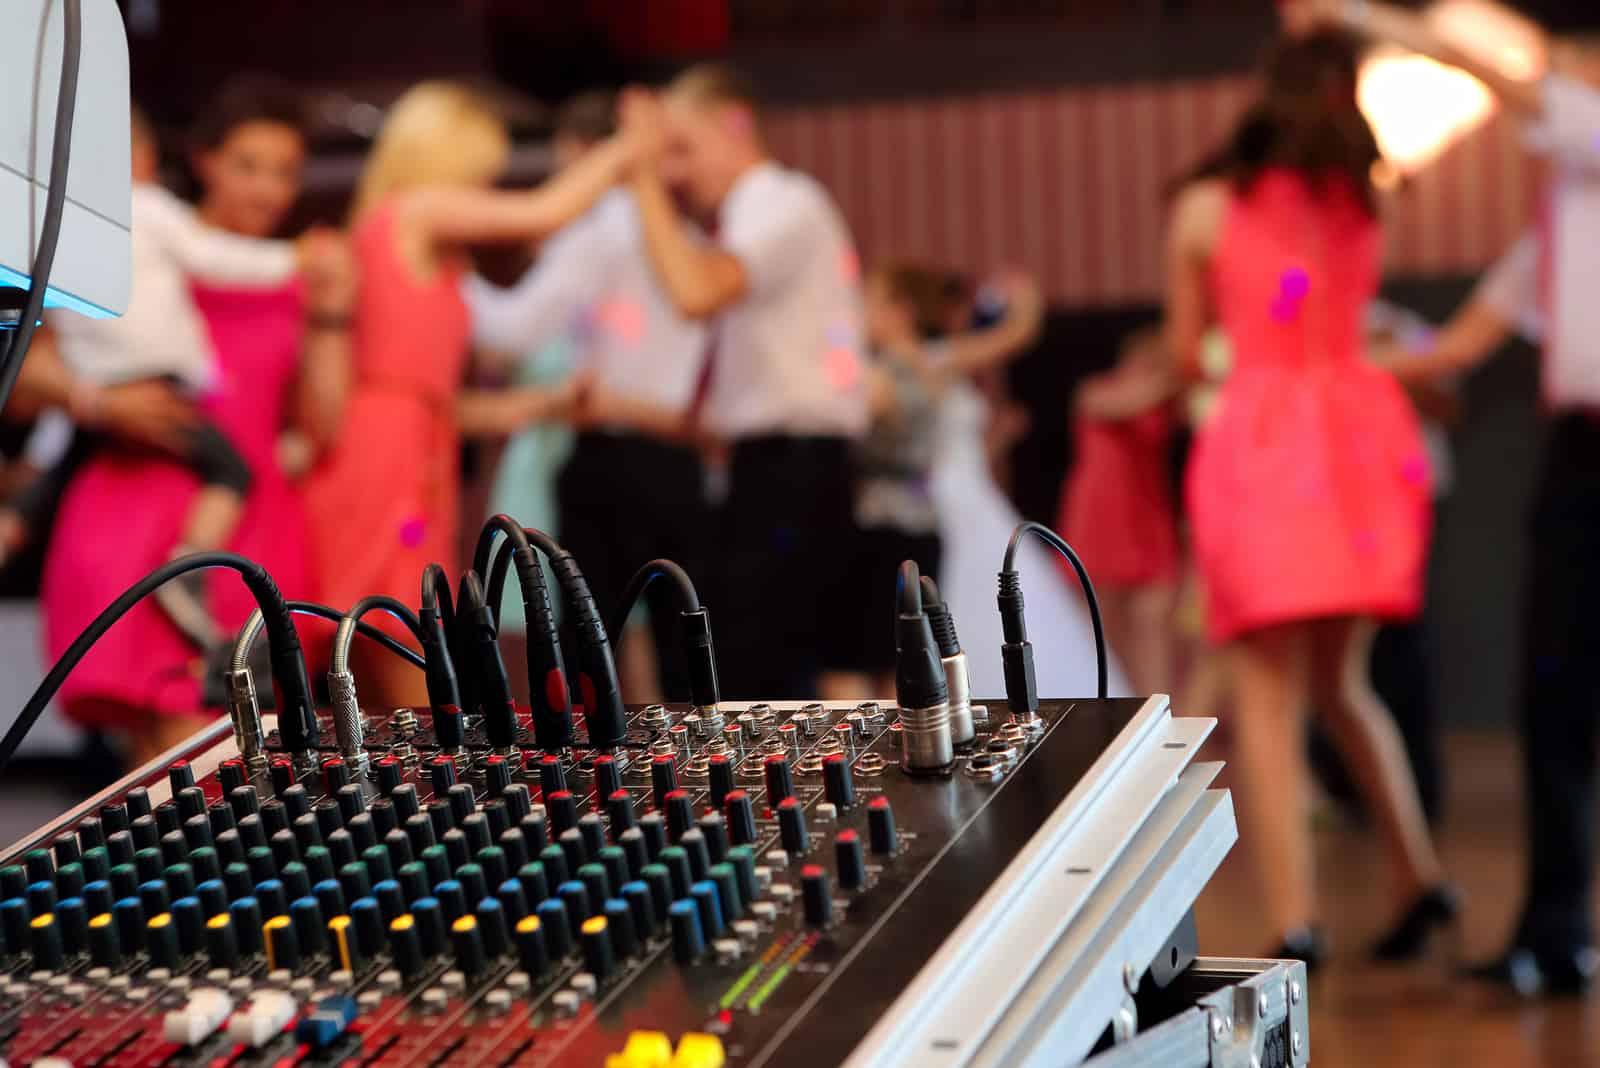 Tanzende Paare während der Party oder Hochzeitsfeier